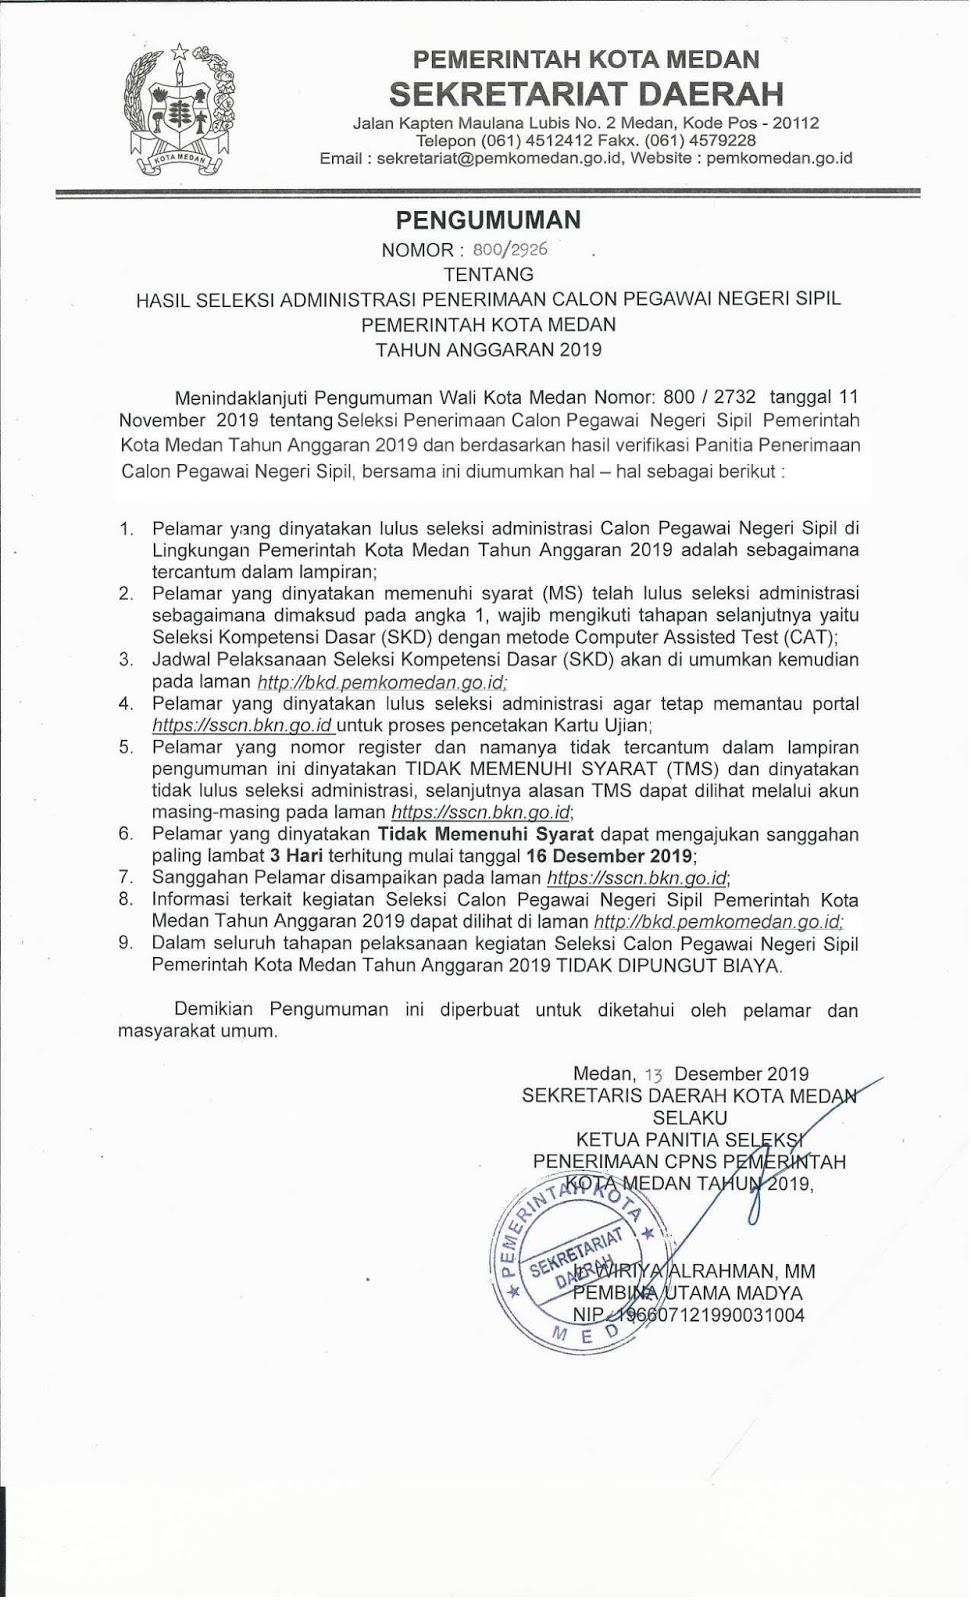 Hasil Seleksi Administrasi CPNS Pemko Pemerintah Kota Medan Tahun Anggaran 2019